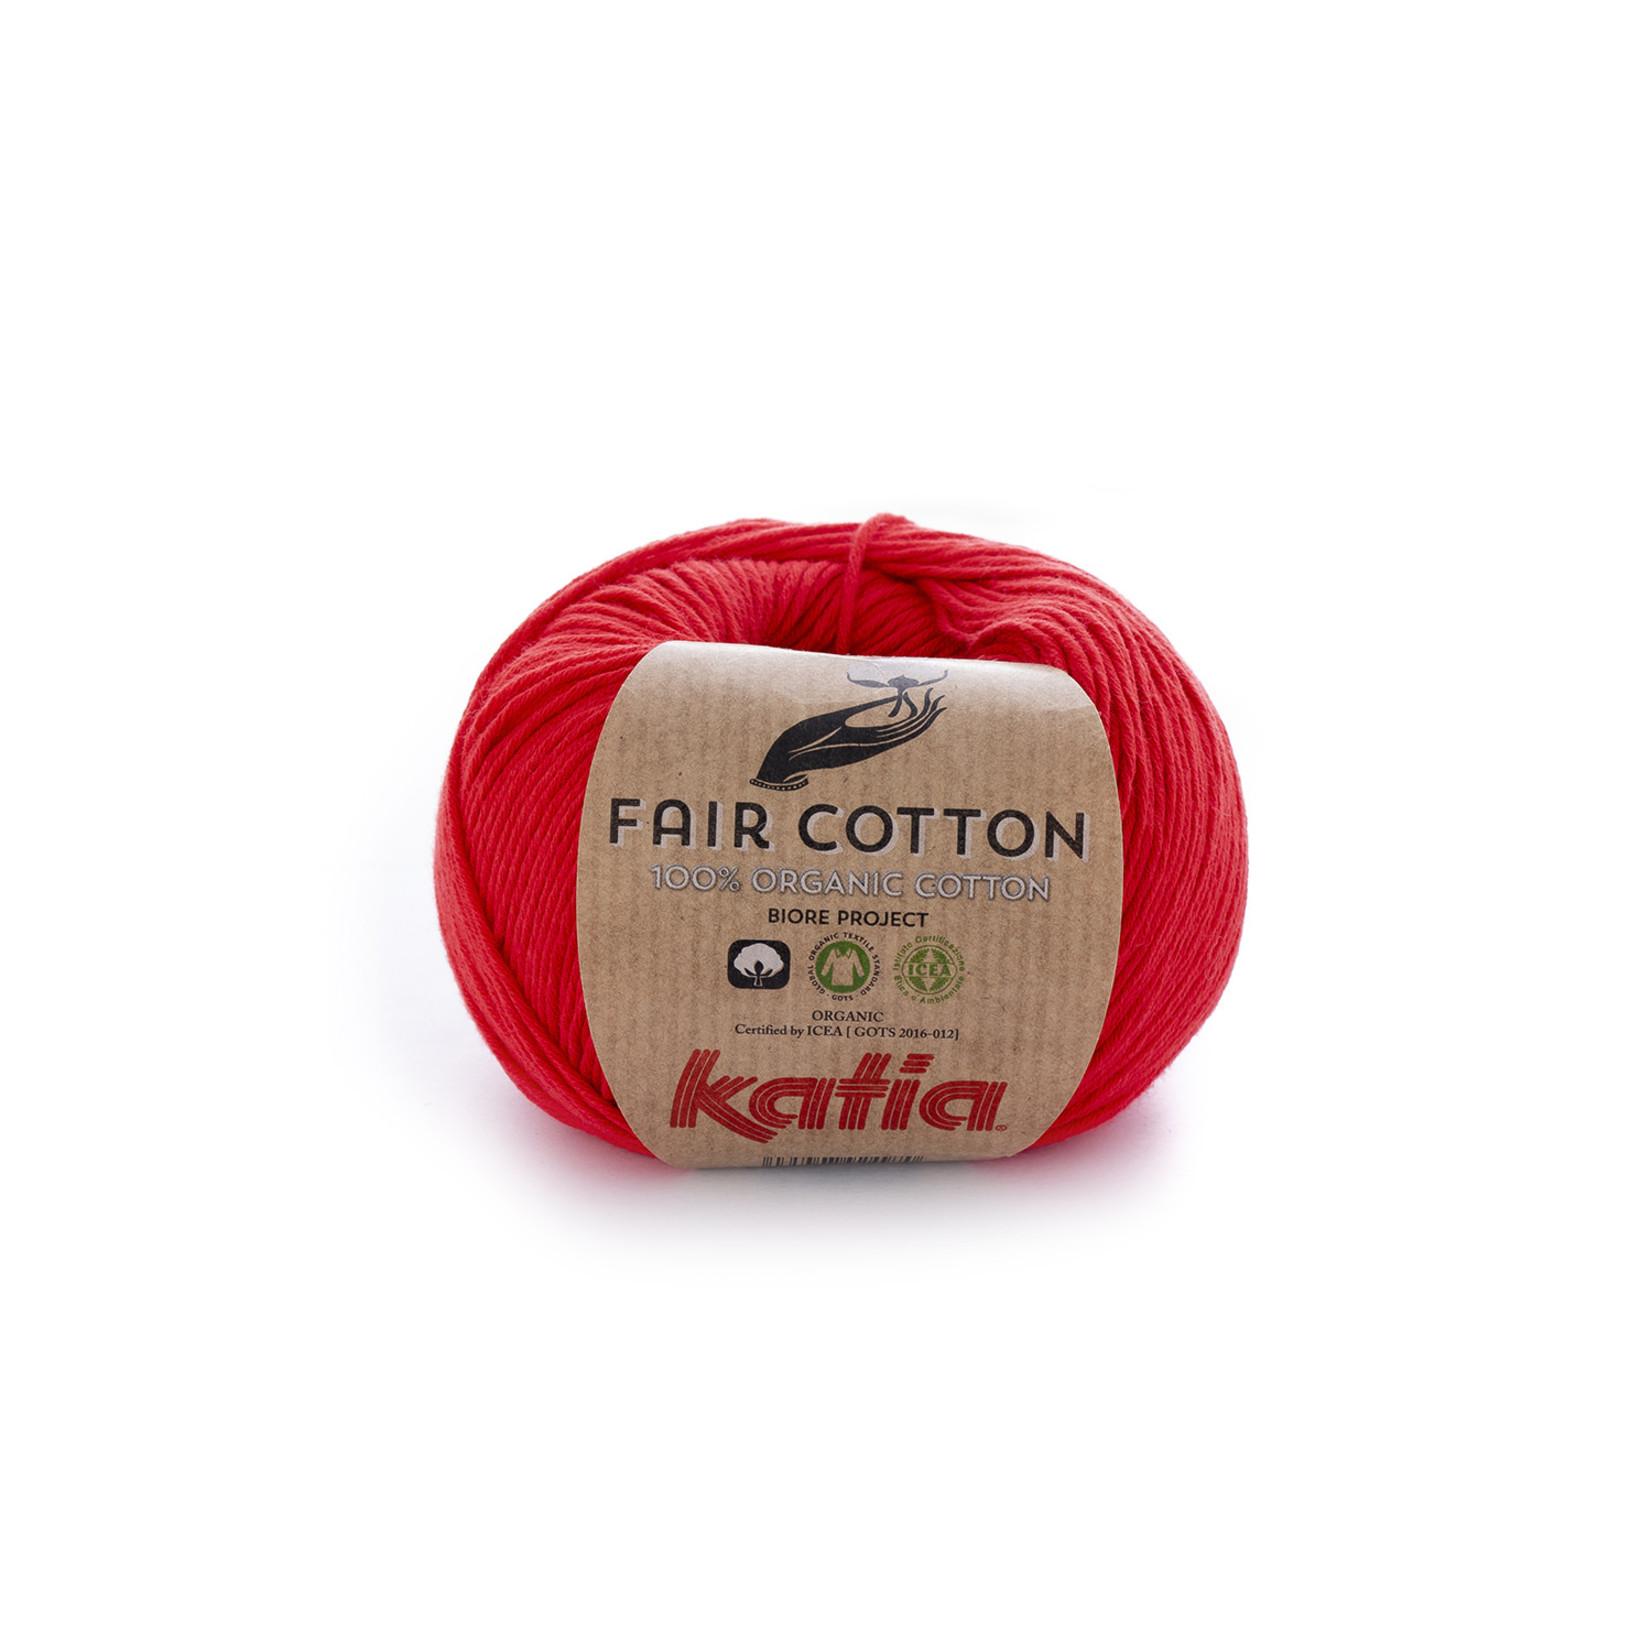 Katia Katia Fair Cotton 4 - rood - 1 bol = 50 gr. = 155 m. - 100% biol. katoen